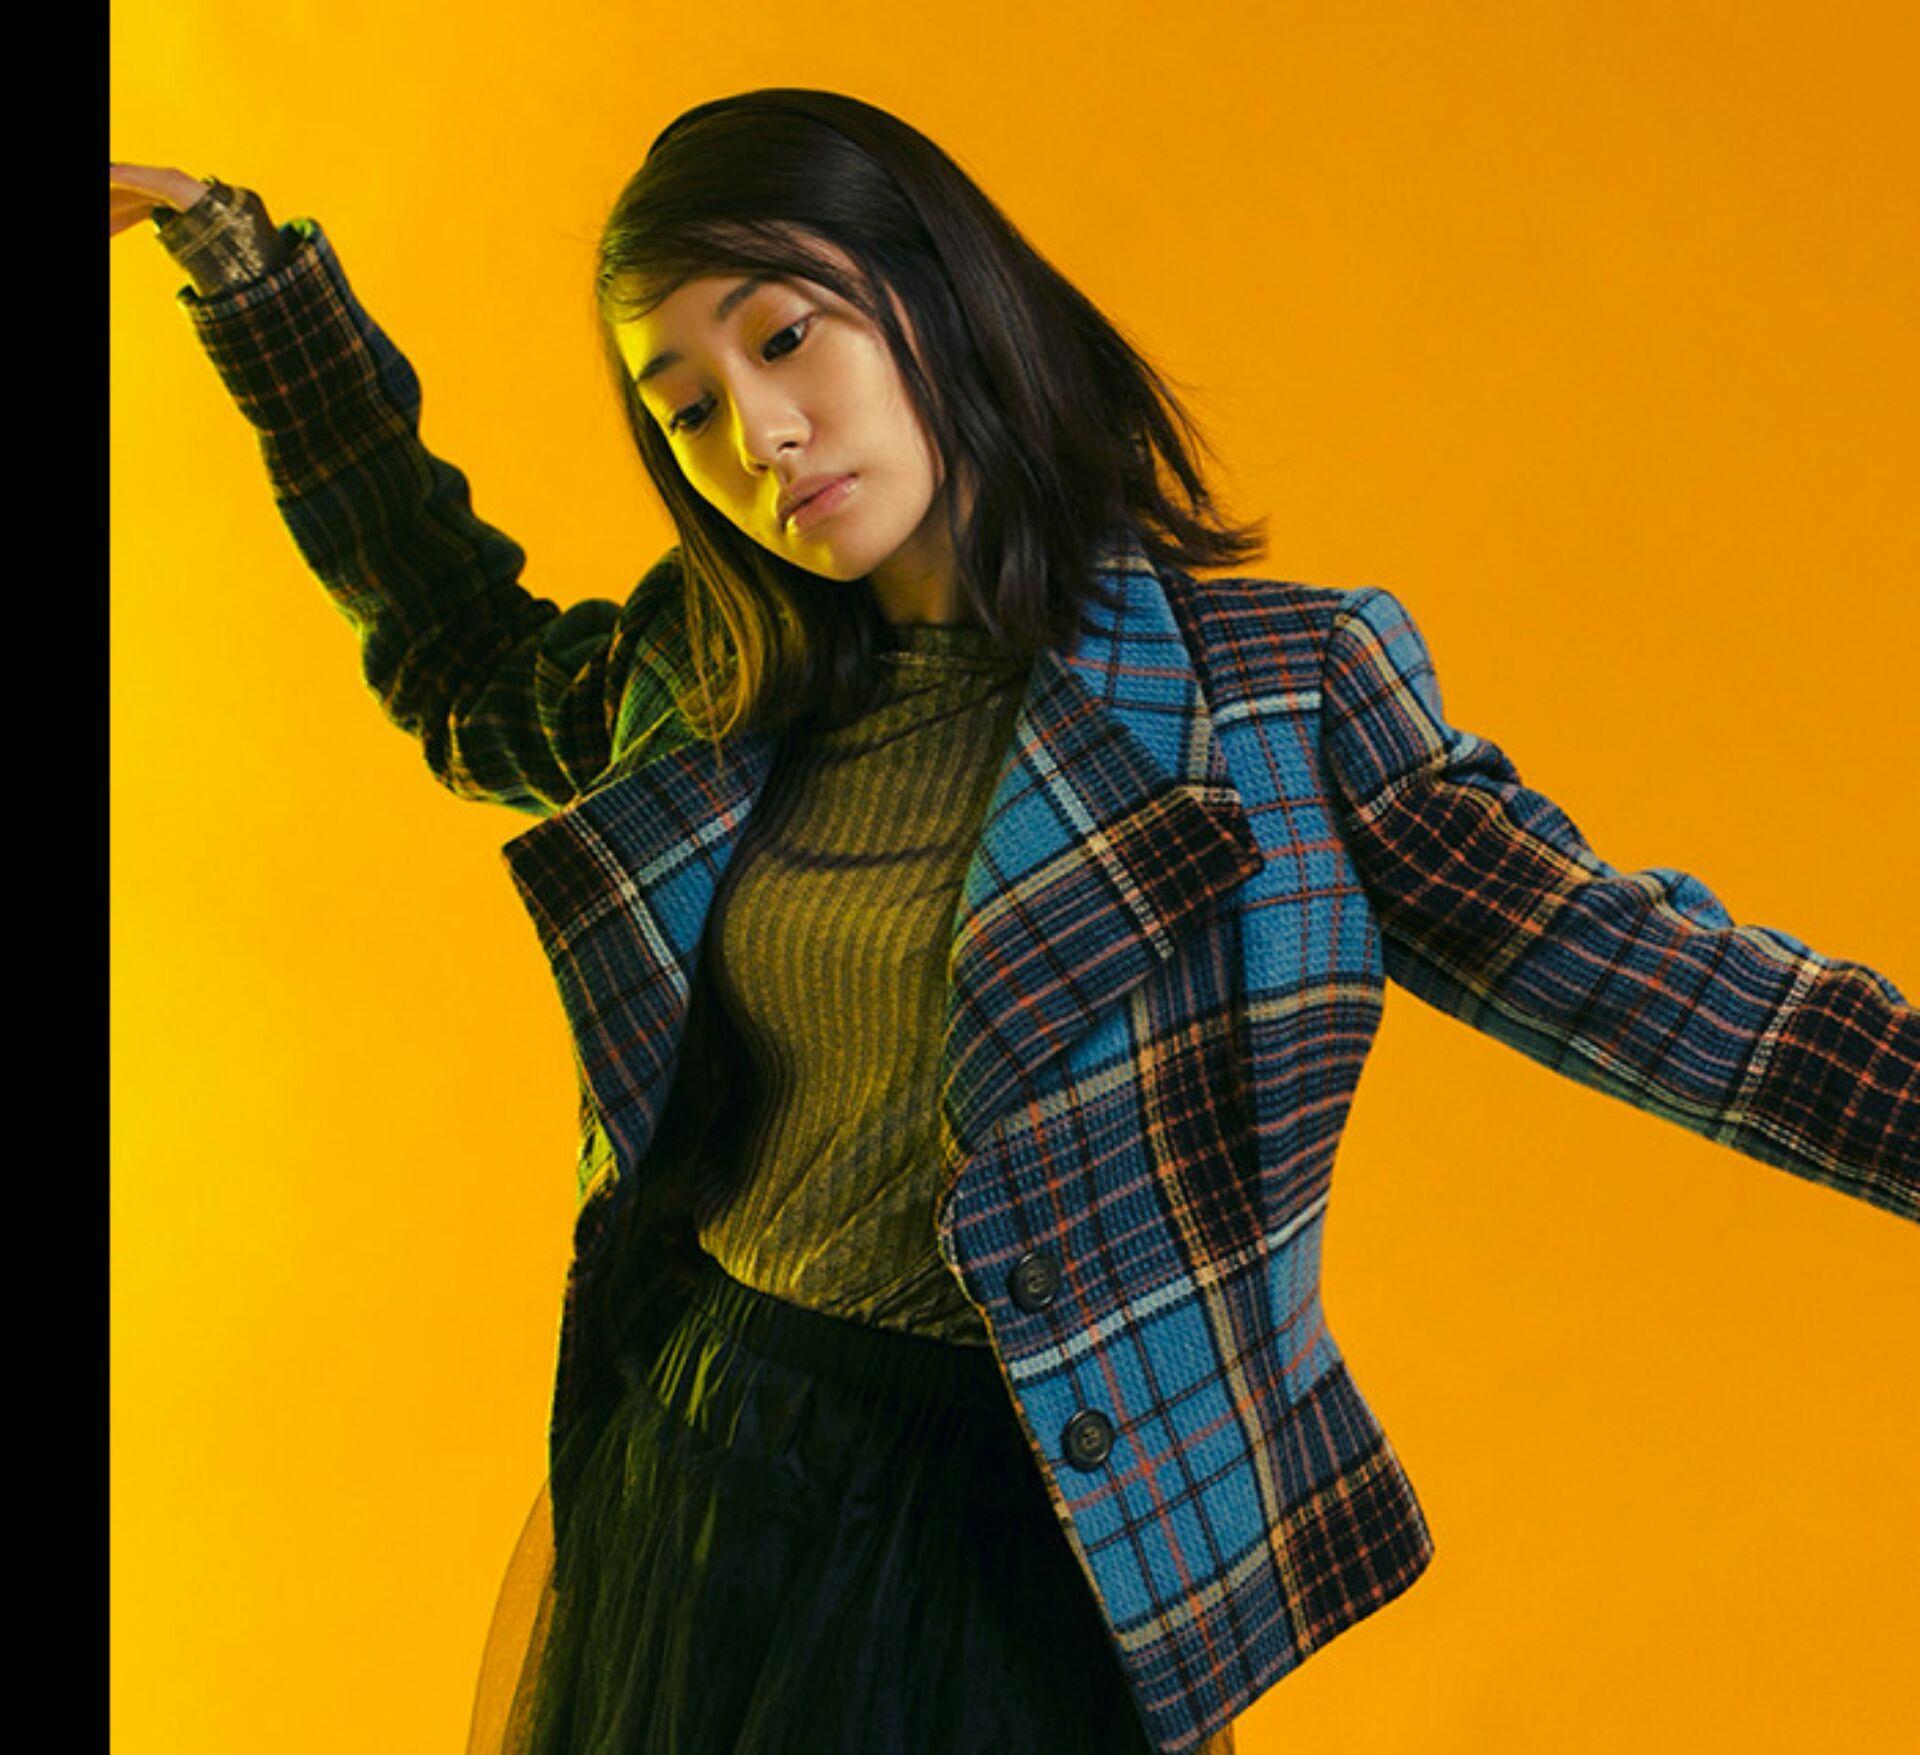 チェックのジャケットがカッコイイ桜井玲香(乃木坂46)の私服の画像です。